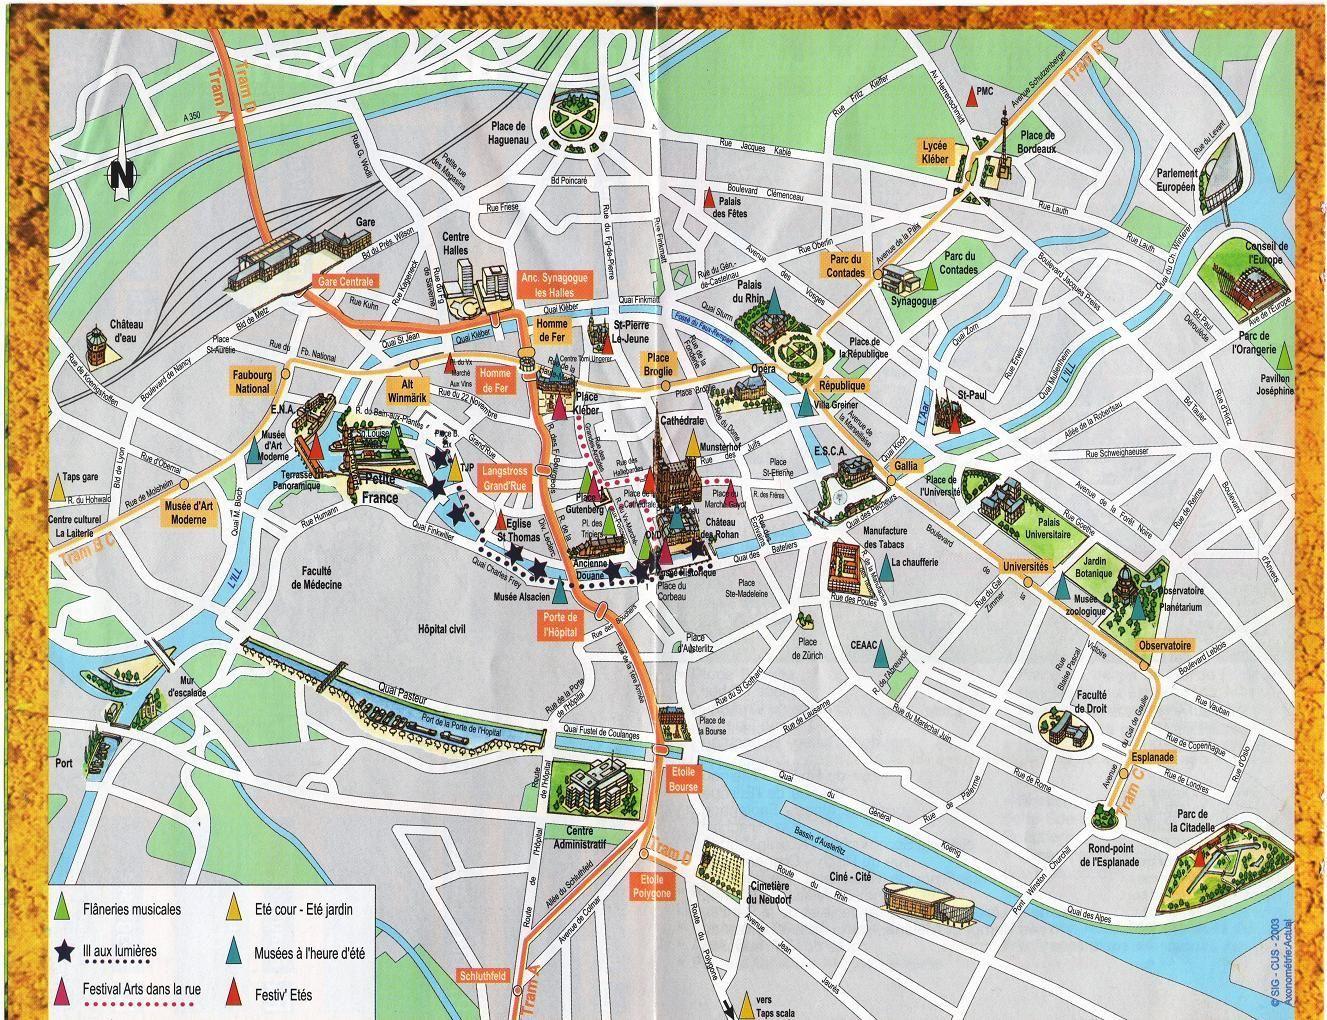 http//static.lovetotravel.pl/galery/2537_Strasburg_mapa